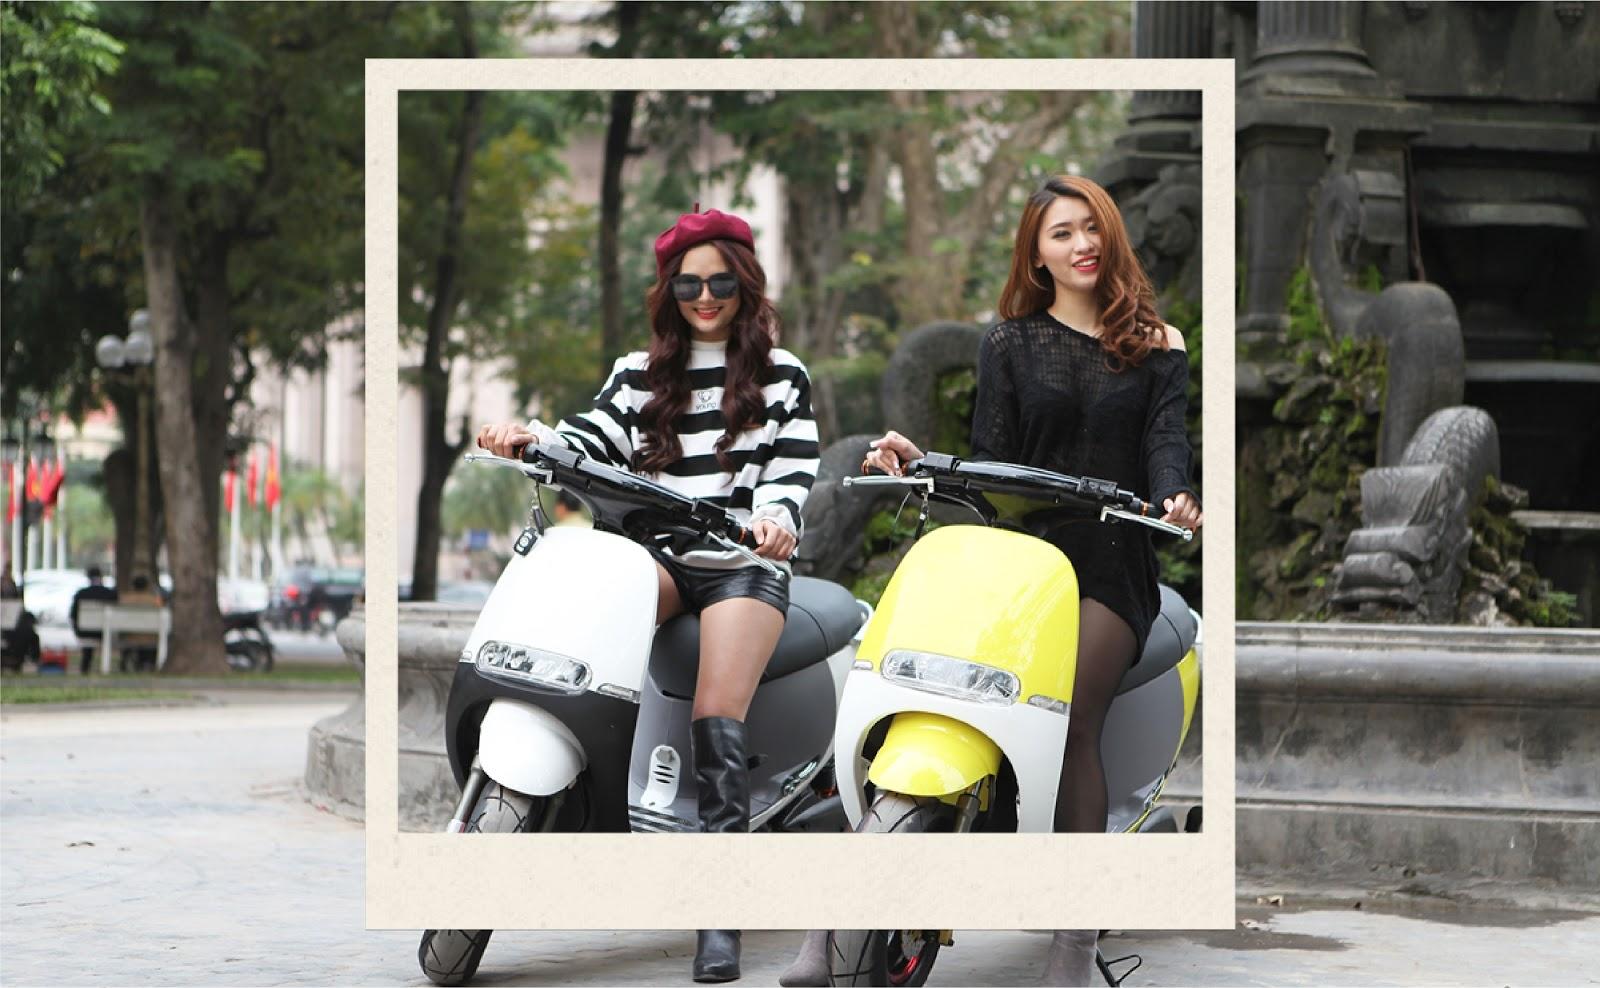 Tham gia cuộc thi ảnh cực chất cùng OKXE và rinh ngay chuyến du lịch Bangkok, Thái Lan - Ảnh 5.